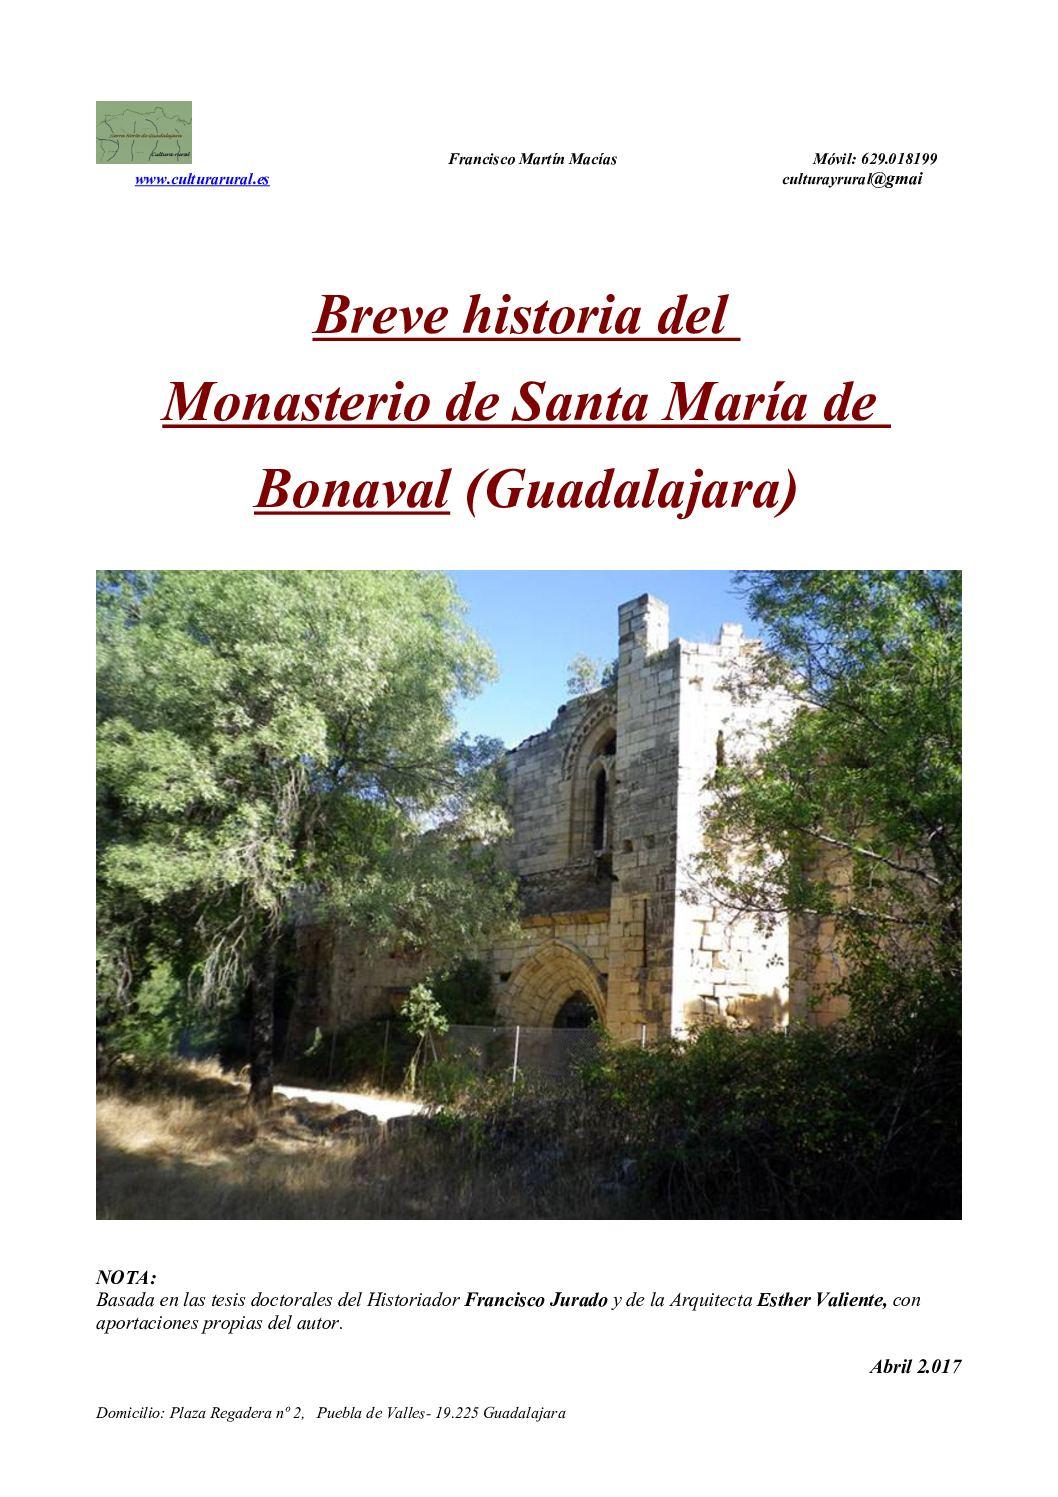 Breve Historia del Monasterio de Bonaval